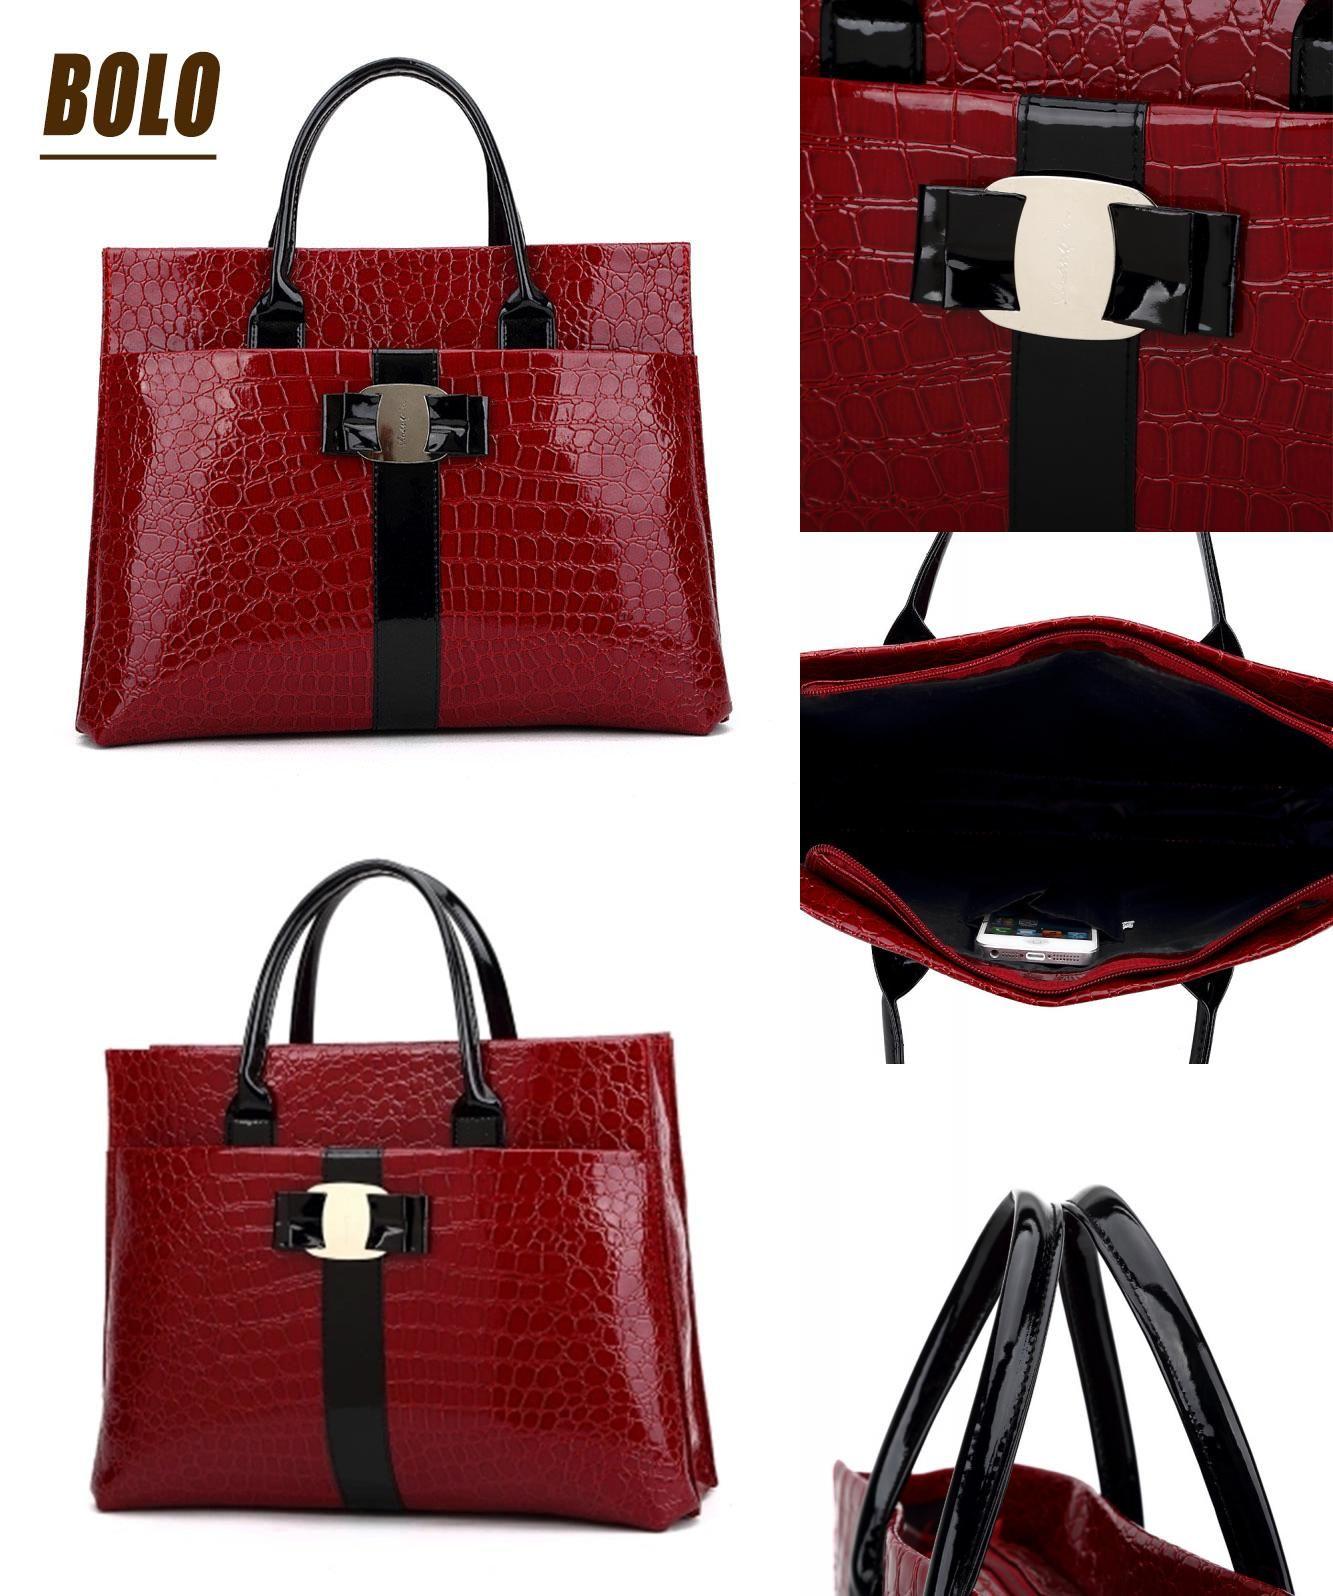 Visit to Buy] 2016 New Women Handbag Fashion Ruby Red Handbags ...